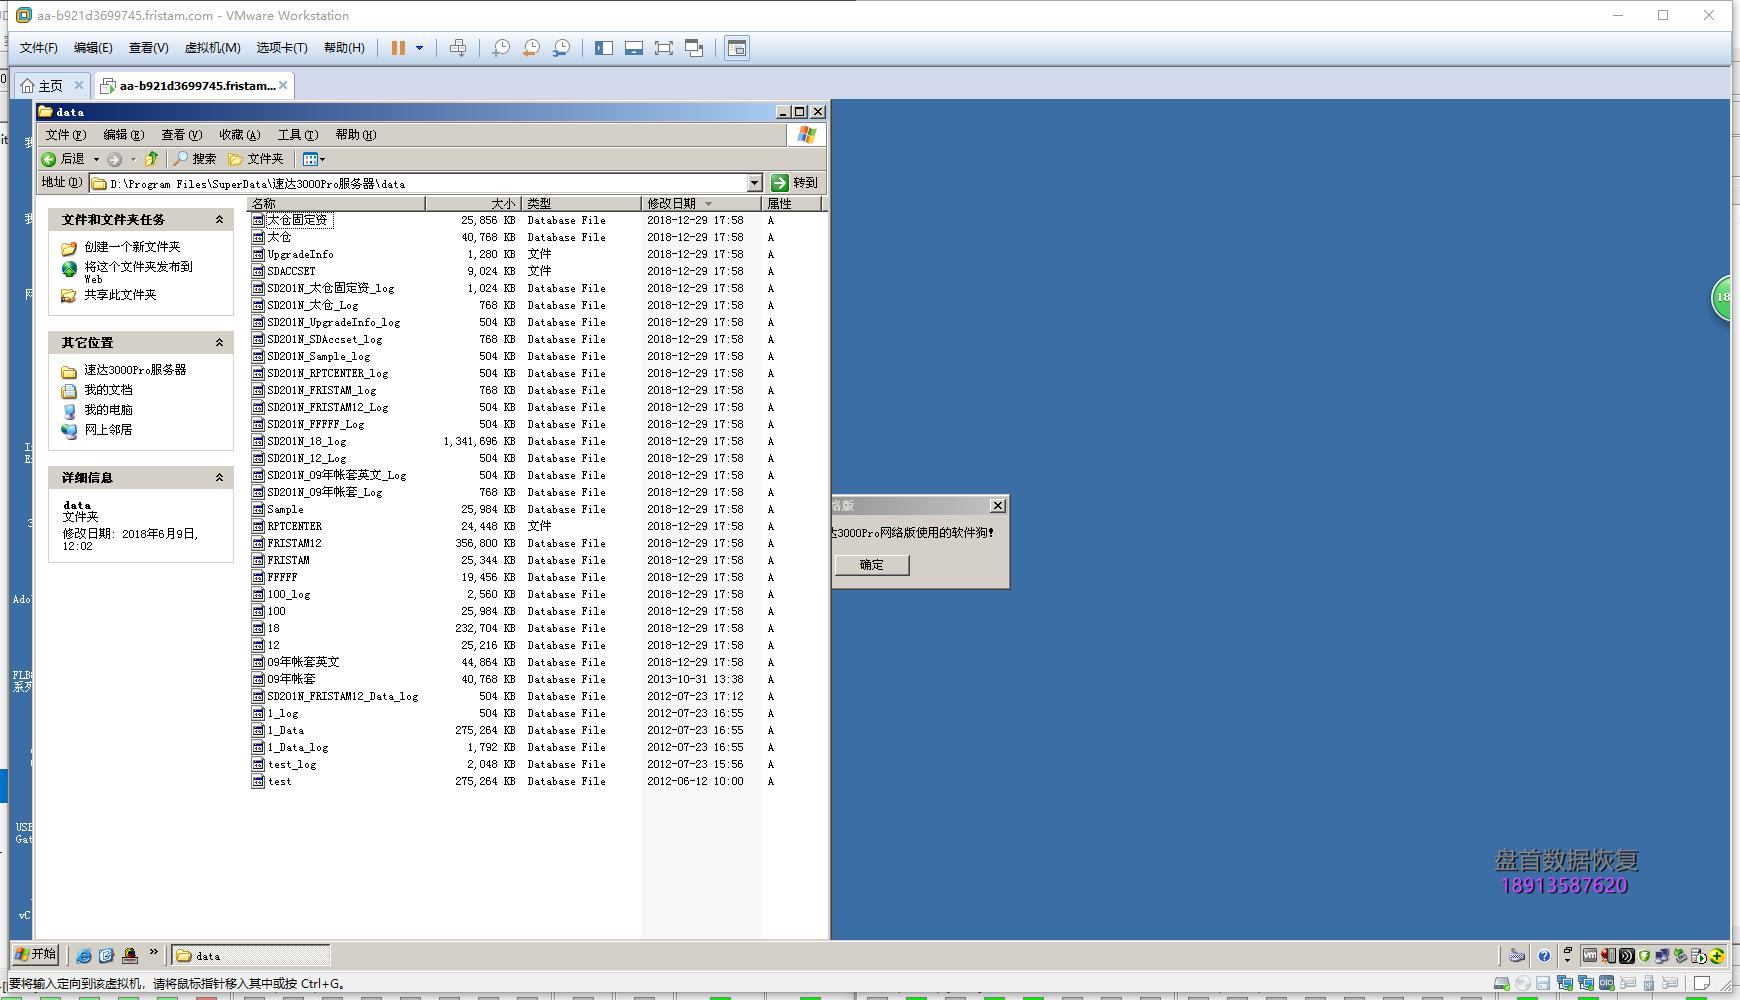 0 VMware误还原快照导致虚拟机数据丢失,手工分析成功恢复出VMware虚拟机的全部数据